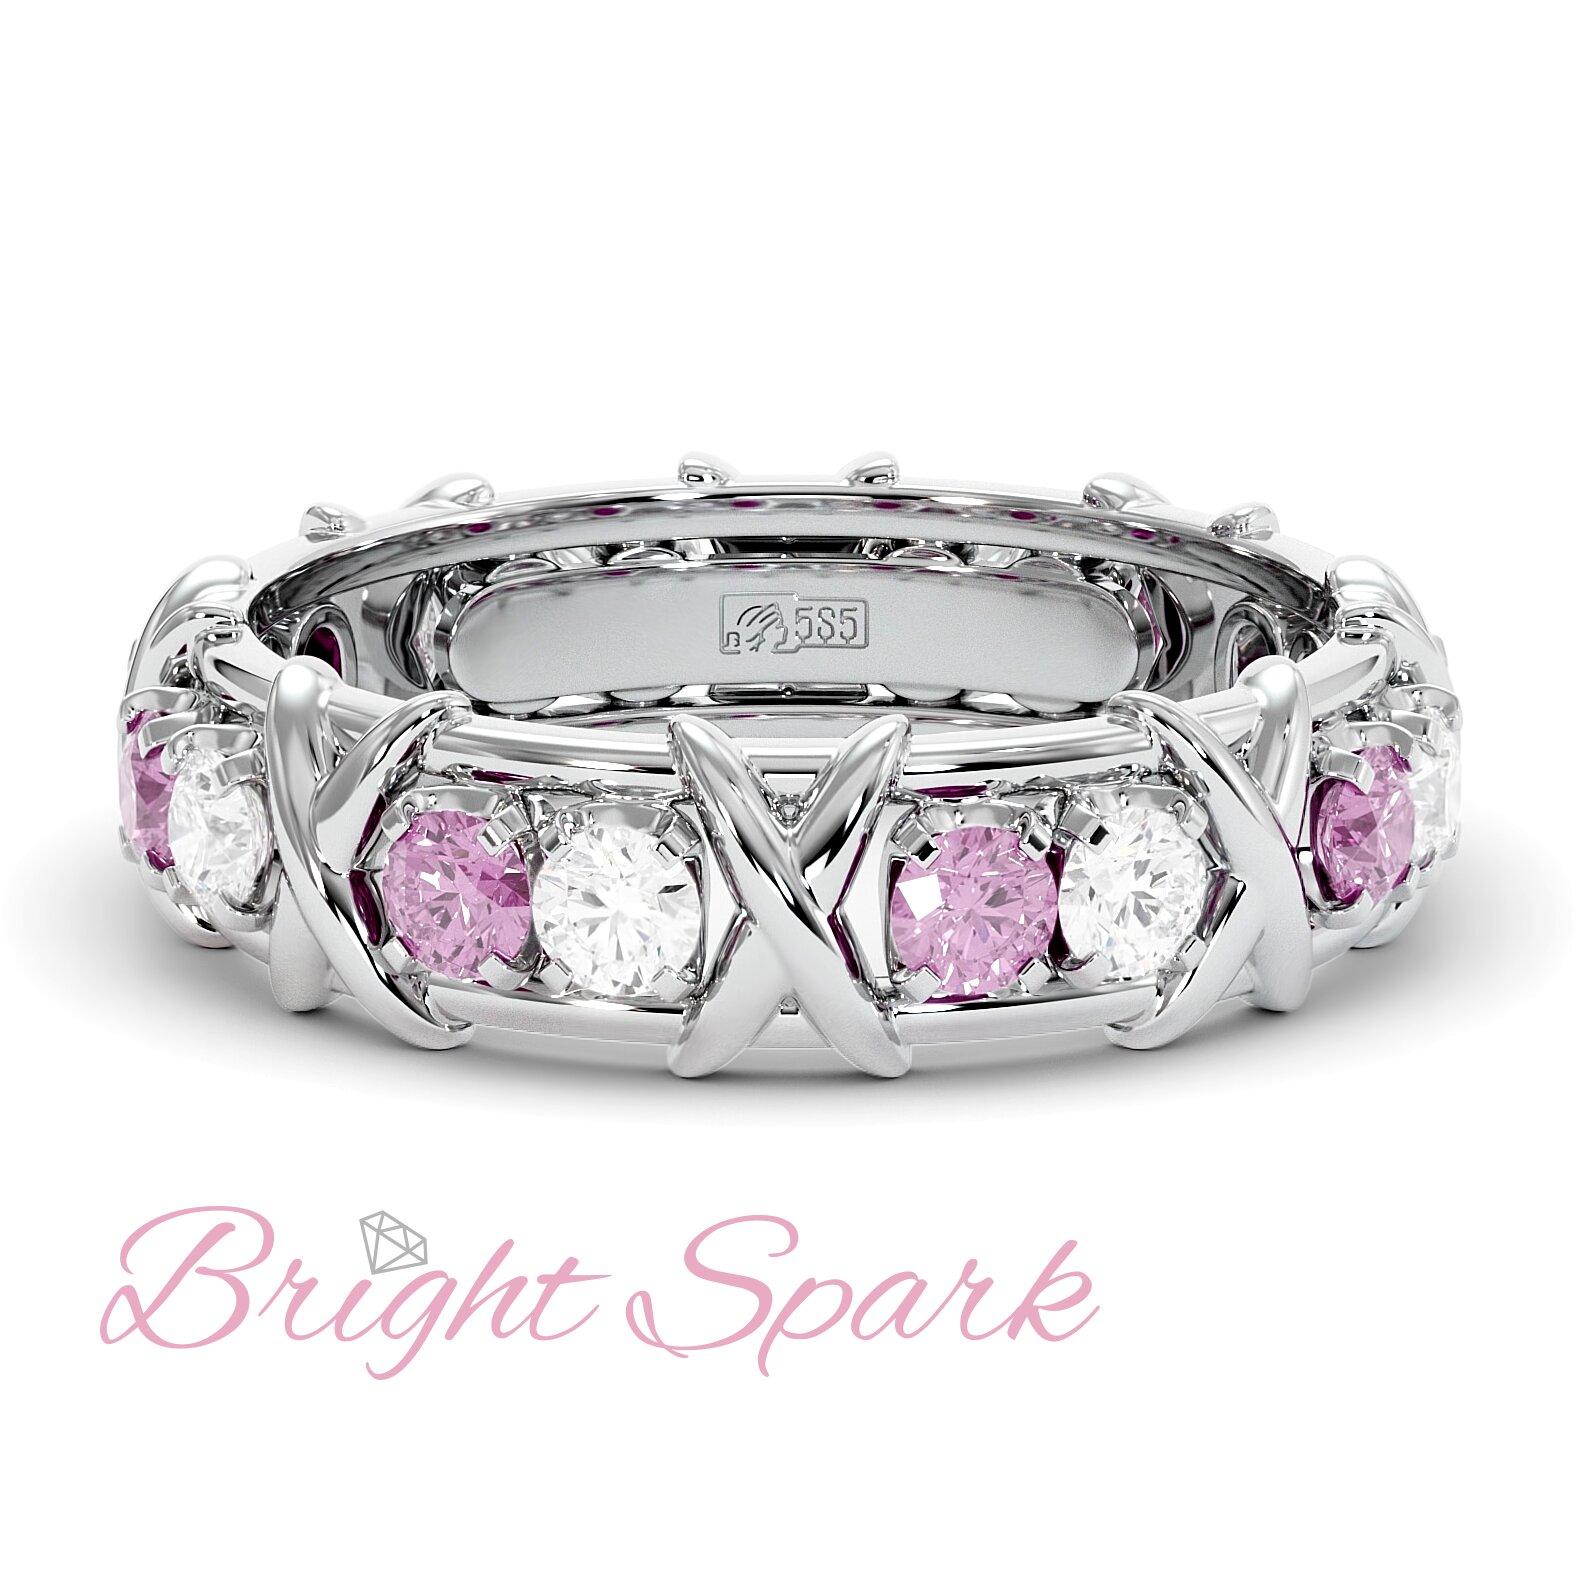 Золотое кольцо с иксами  и розовыми сапфирами Tiffany Sixteen Stones by Schlumberger